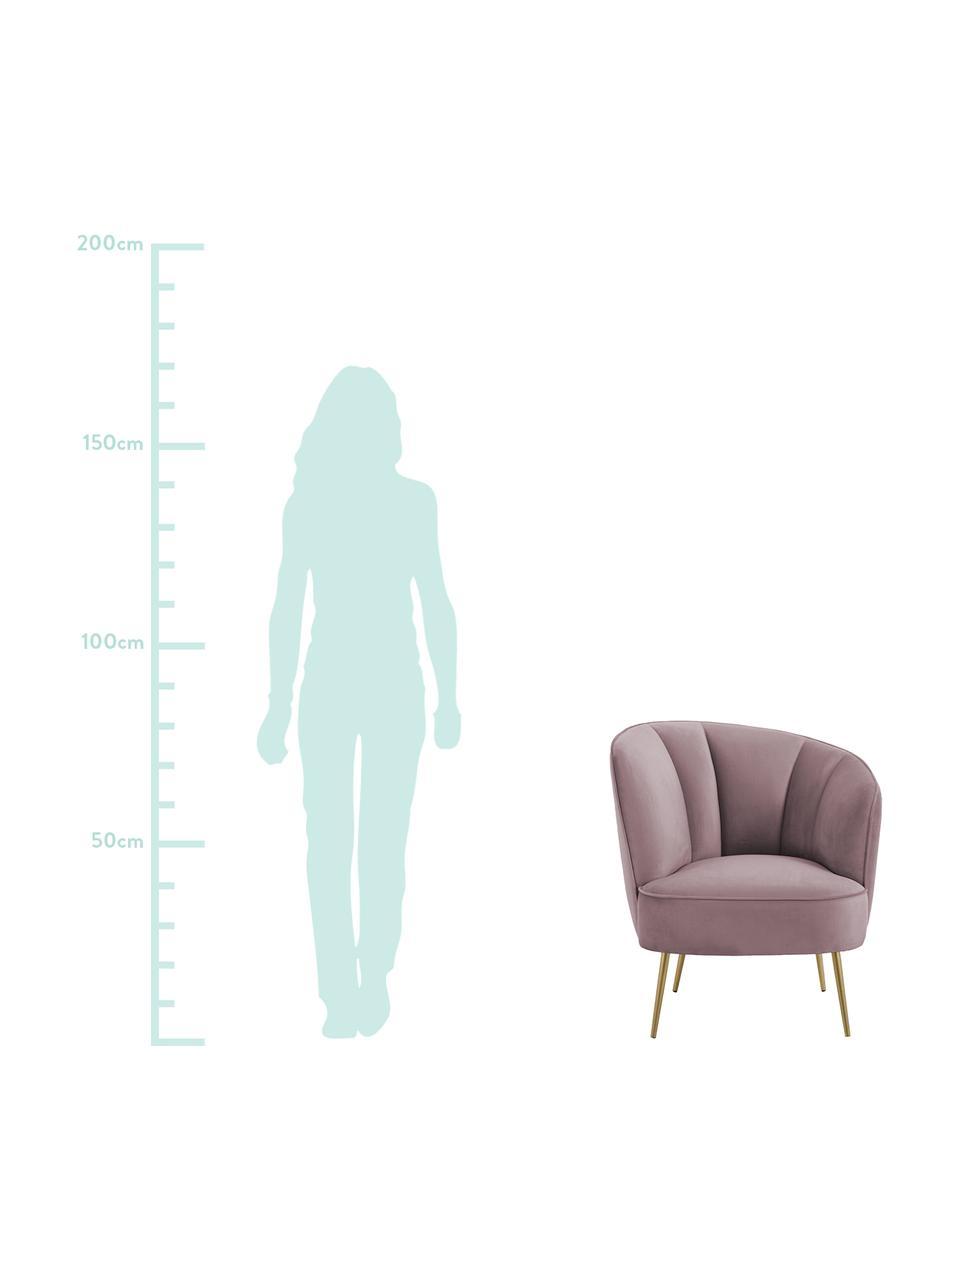 Fotel koktajlowy z aksamitu Louise, Tapicerka: aksamit (poliester) Dzięk, Aksamitny mauve, S 76 x G 75 cm